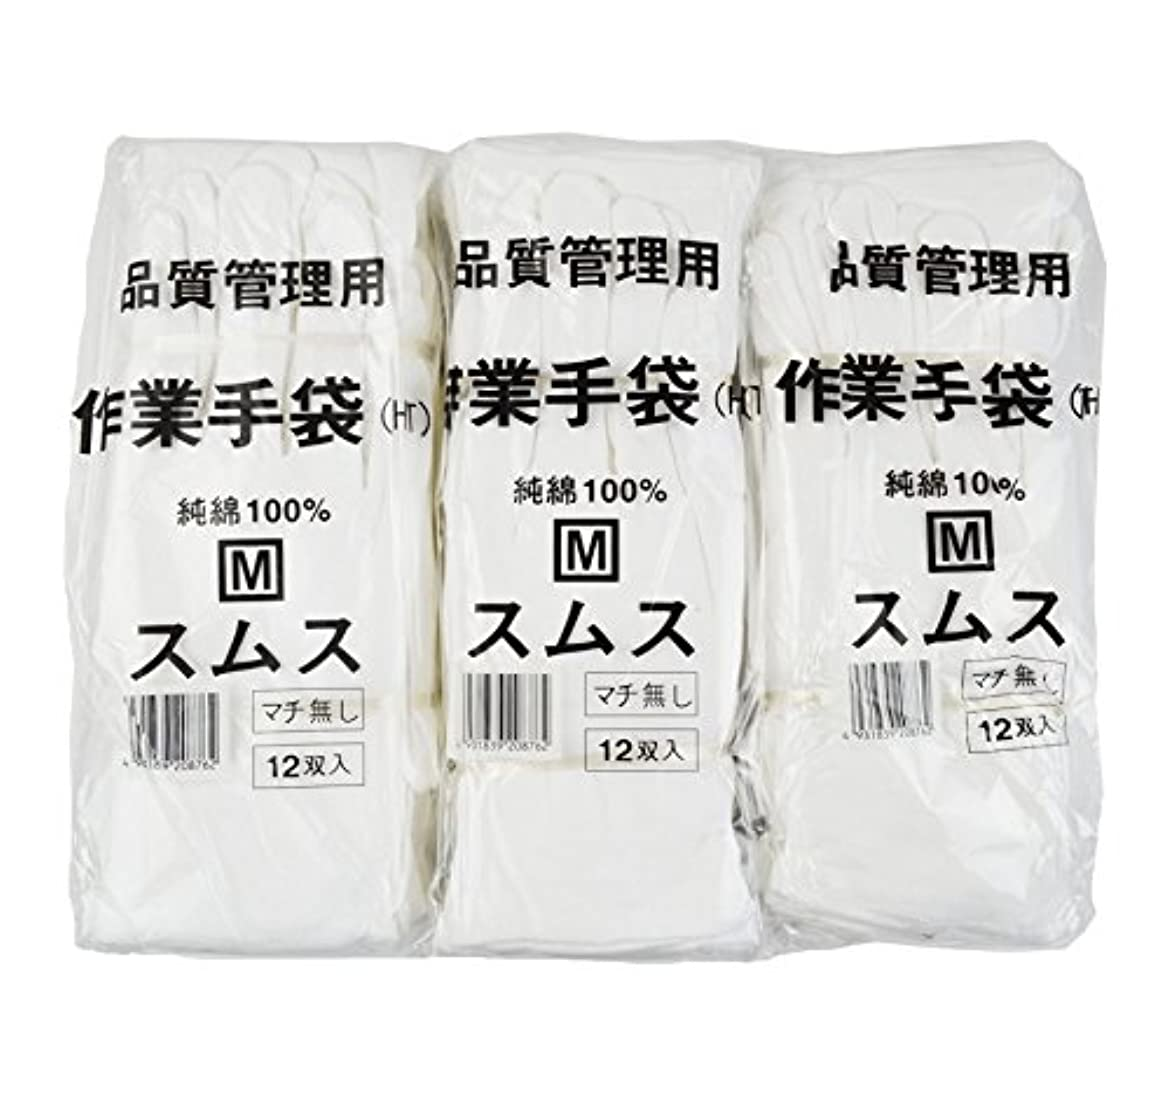 聖人遅れ散る【お得なセット売り】 純綿100% スムス 手袋 Mサイズ 12双×3袋セット 多用途 101116